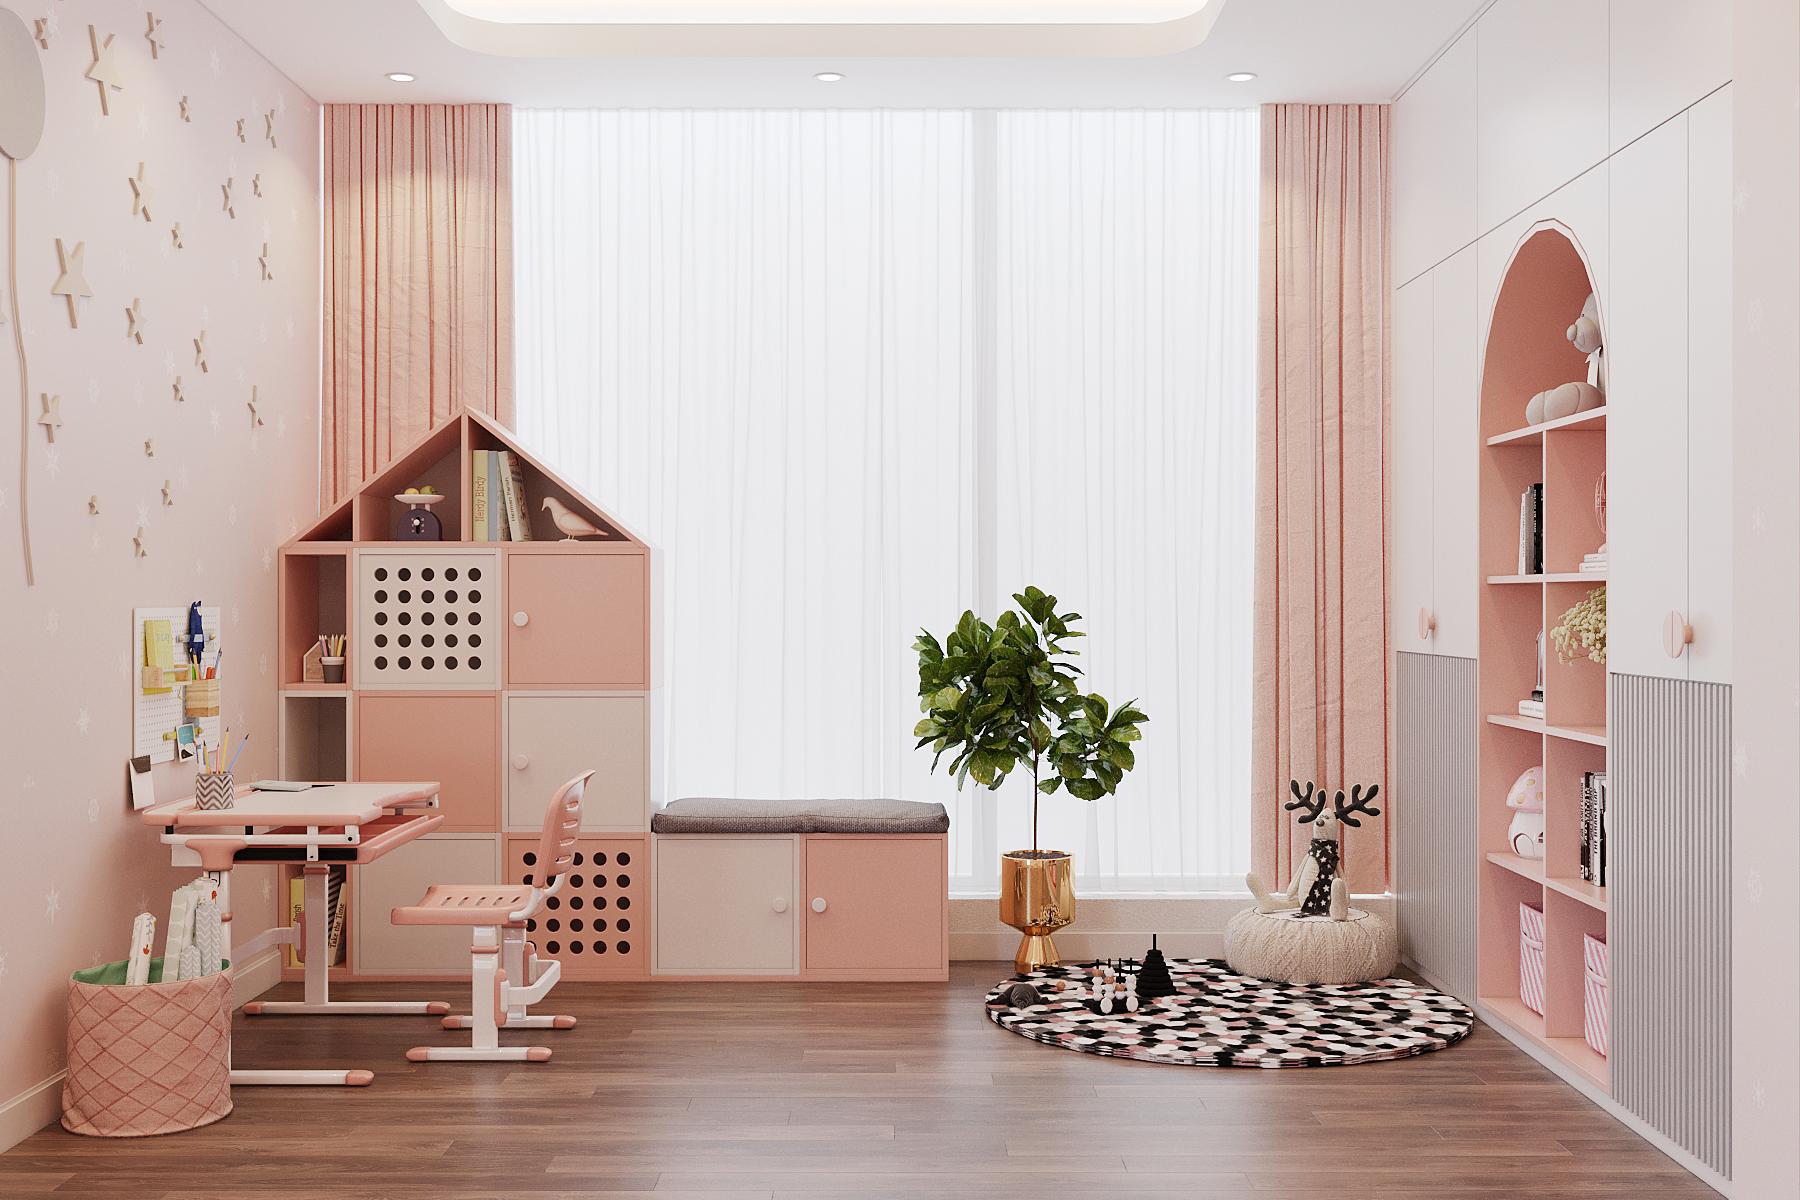 Thiết kế nội thất Nhà tại Quảng Ninh nhà lô anh Hiếu Uông Bí 1627033785 7